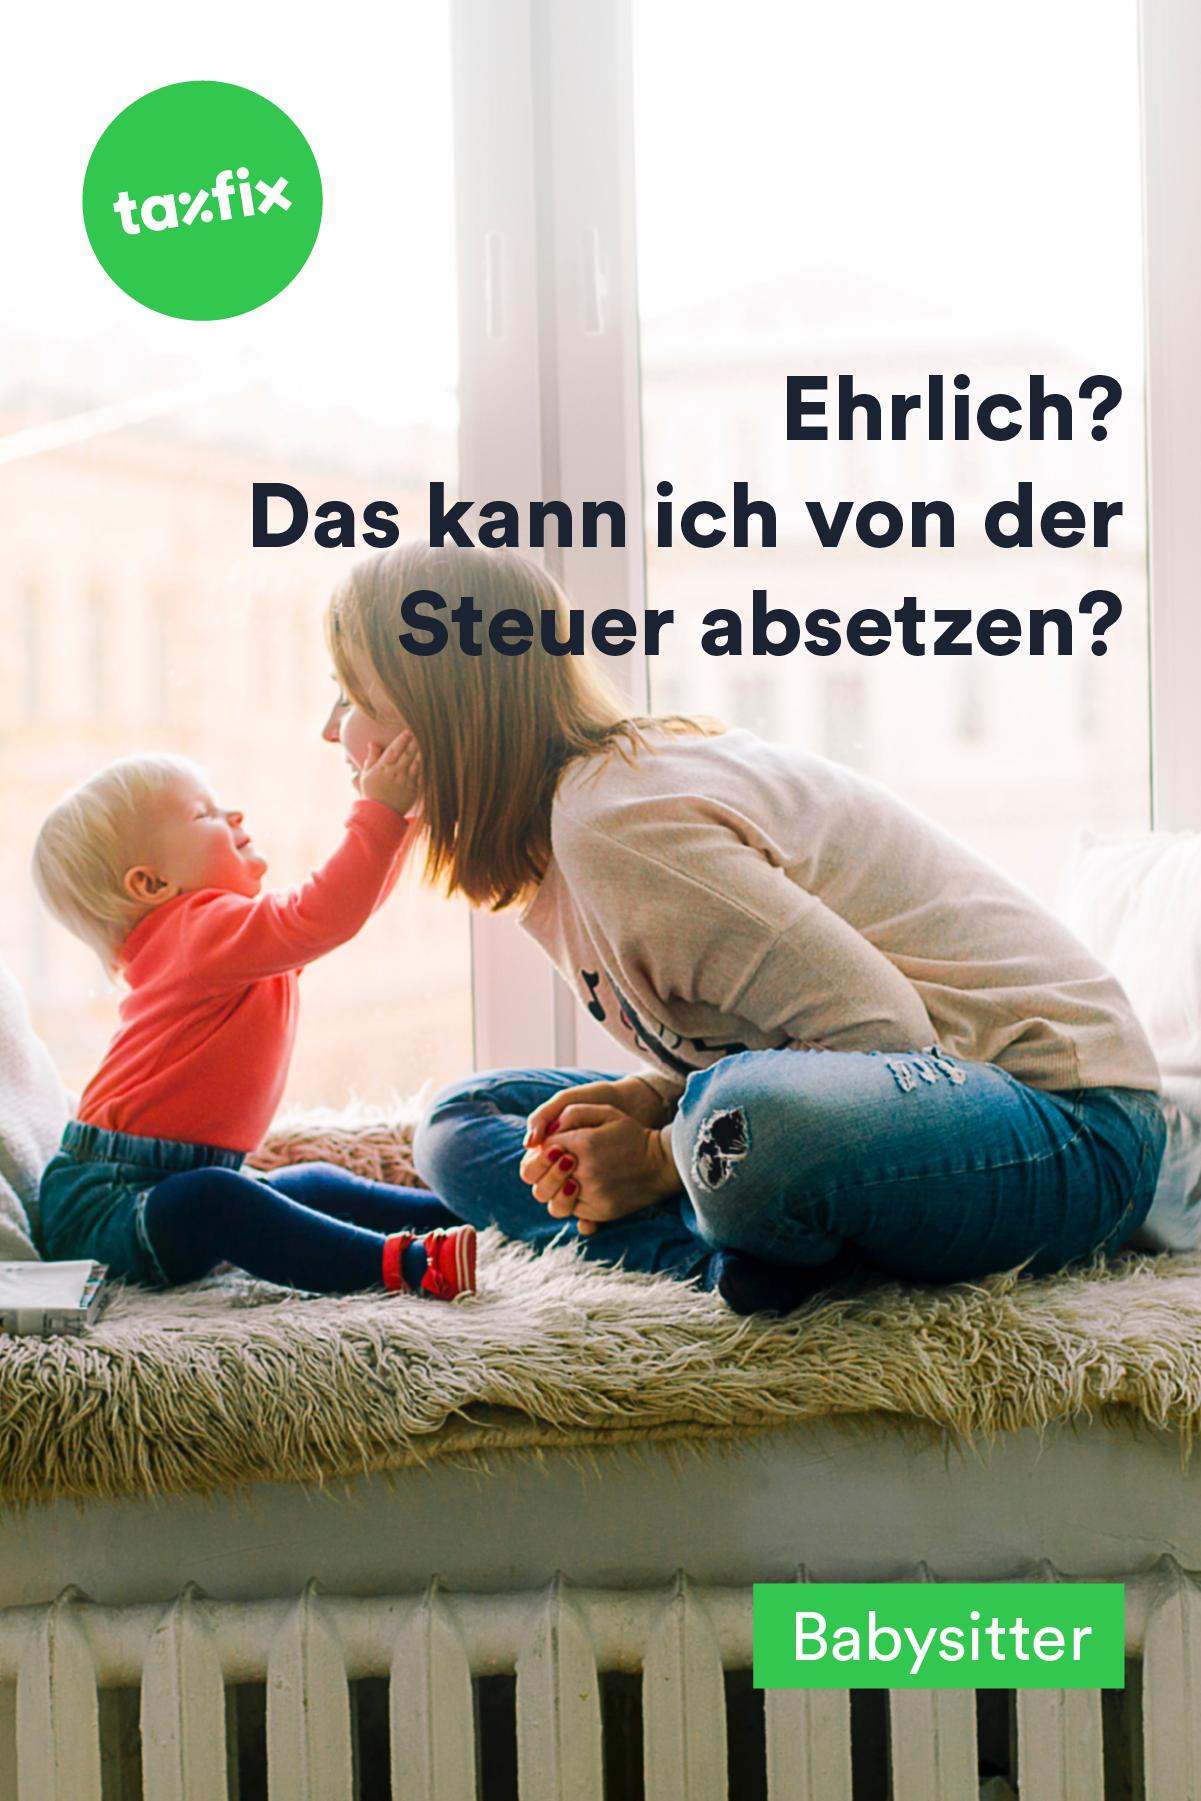 Die Kosten Fur Den Babysitter Kannst Du Von Der Steuer Absetzen Ja Das Ist Richtig Kinderbetreu Steuererklarung Online Steuererklarung Tipps Steuererklarung